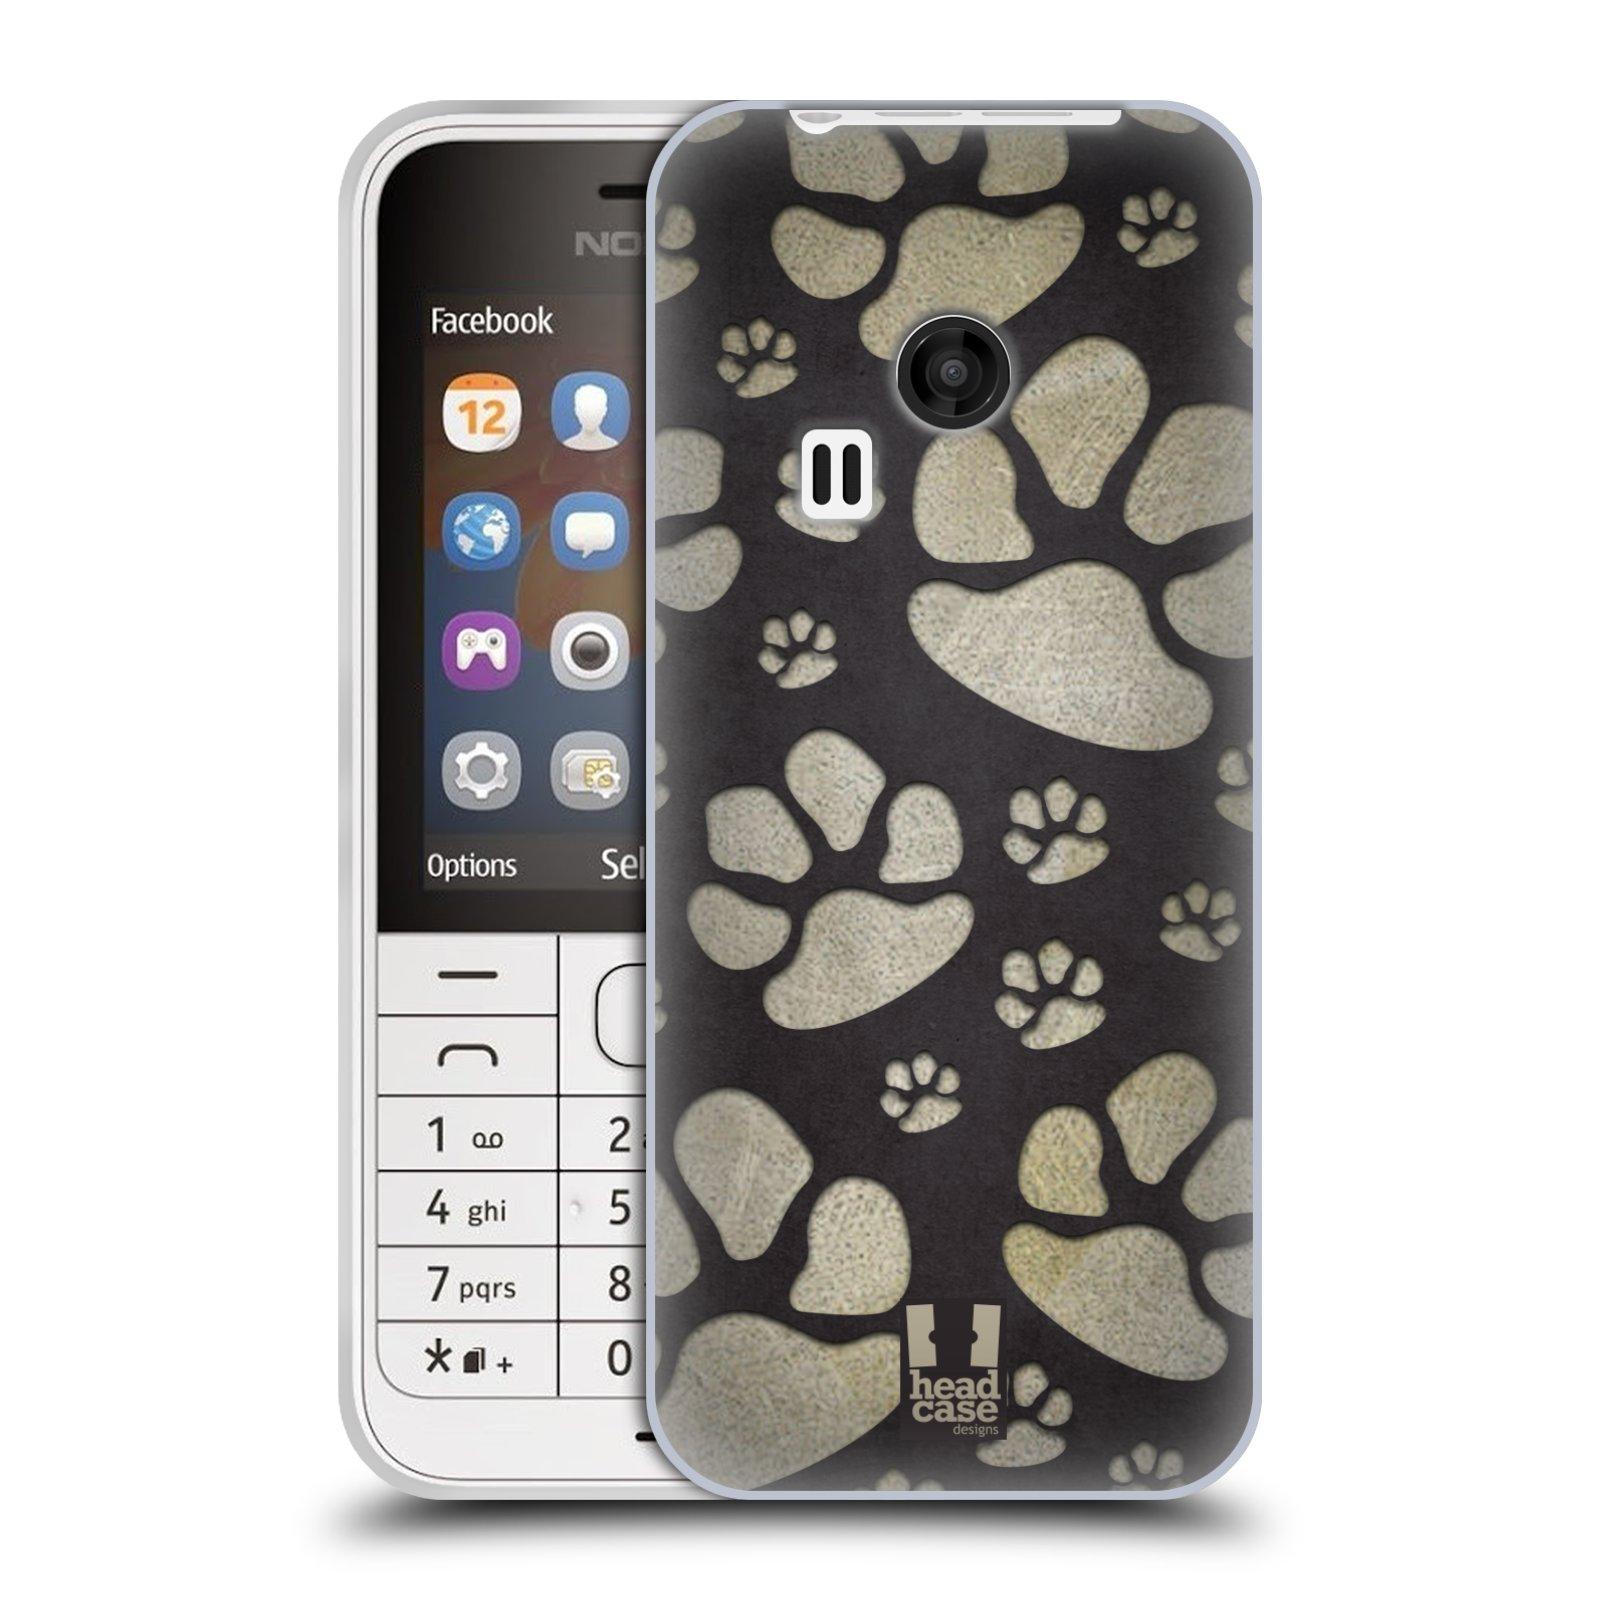 Silikonové pouzdro na mobil Nokia 220 HEAD CASE TLAPKY ŠEDÉ (Silikonový kryt či obal na mobilní telefon Nokia 220 a 220 Dual SIM)